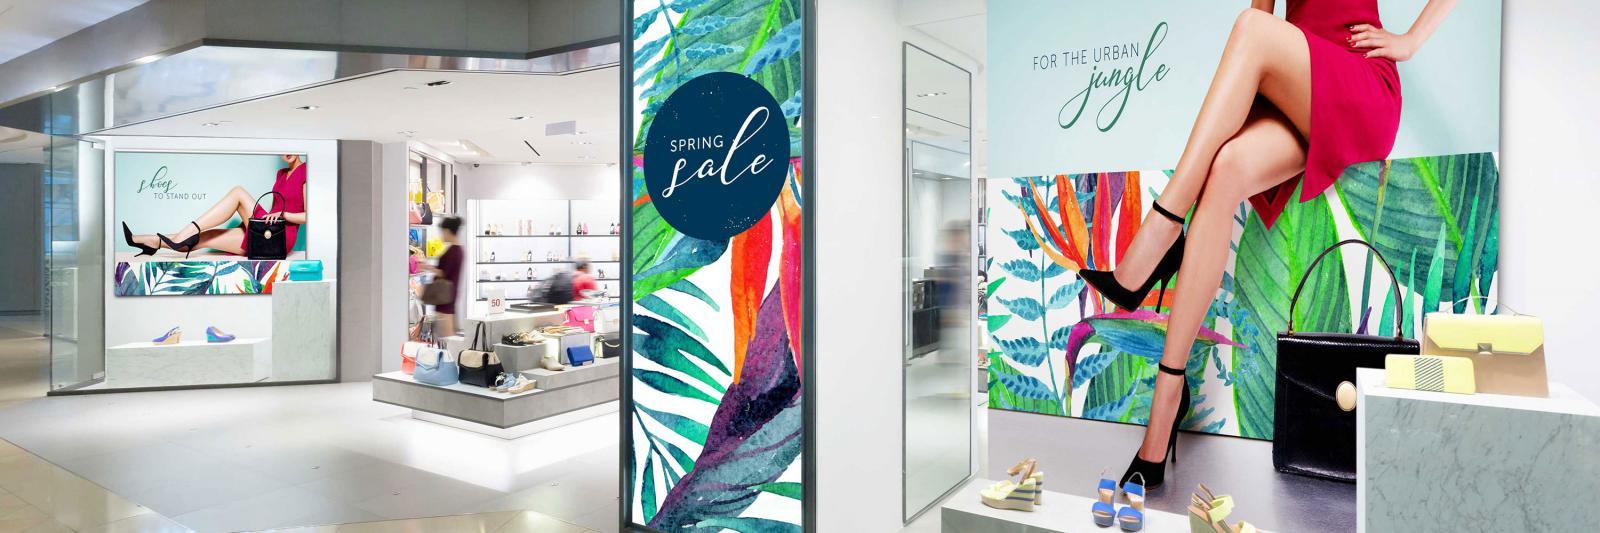 Druckmedien für Messebau, Point of Sale - Schaufenster mit Werbeplakat und Leuchtkastenwerbung